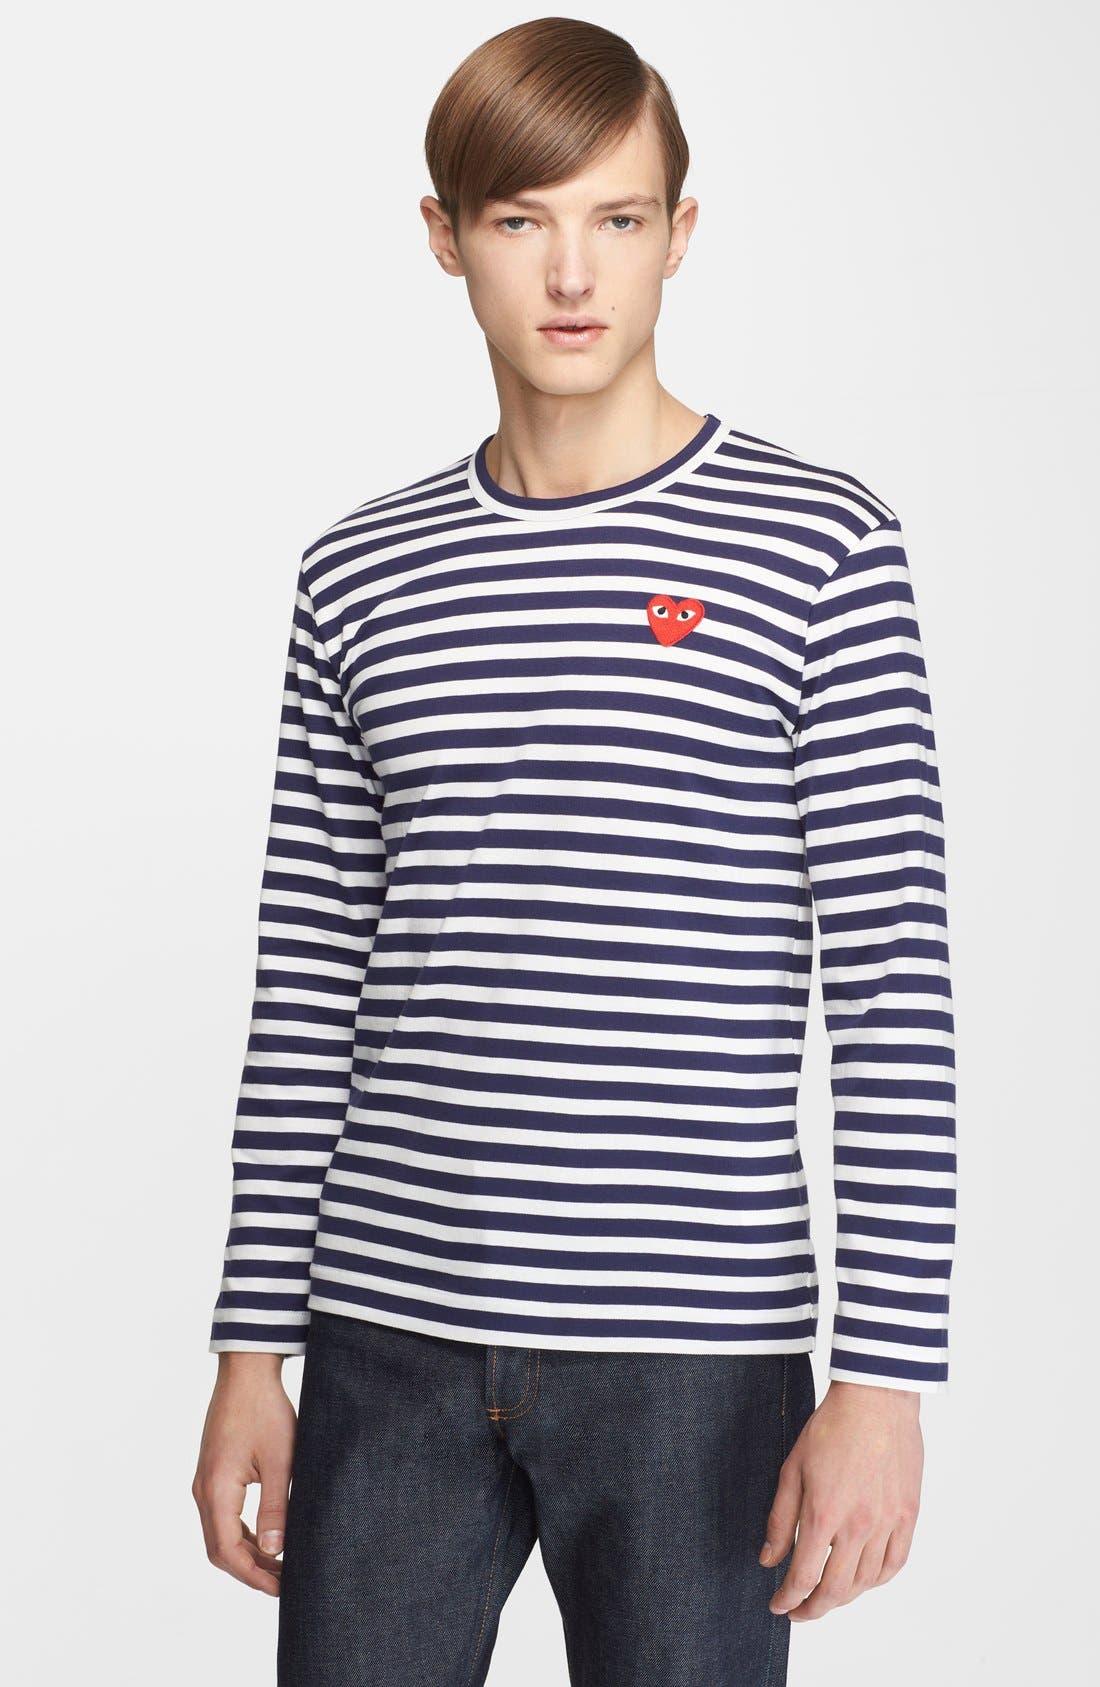 COMME DES GARÇONS PLAY, Stripe T-Shirt, Main thumbnail 1, color, 410